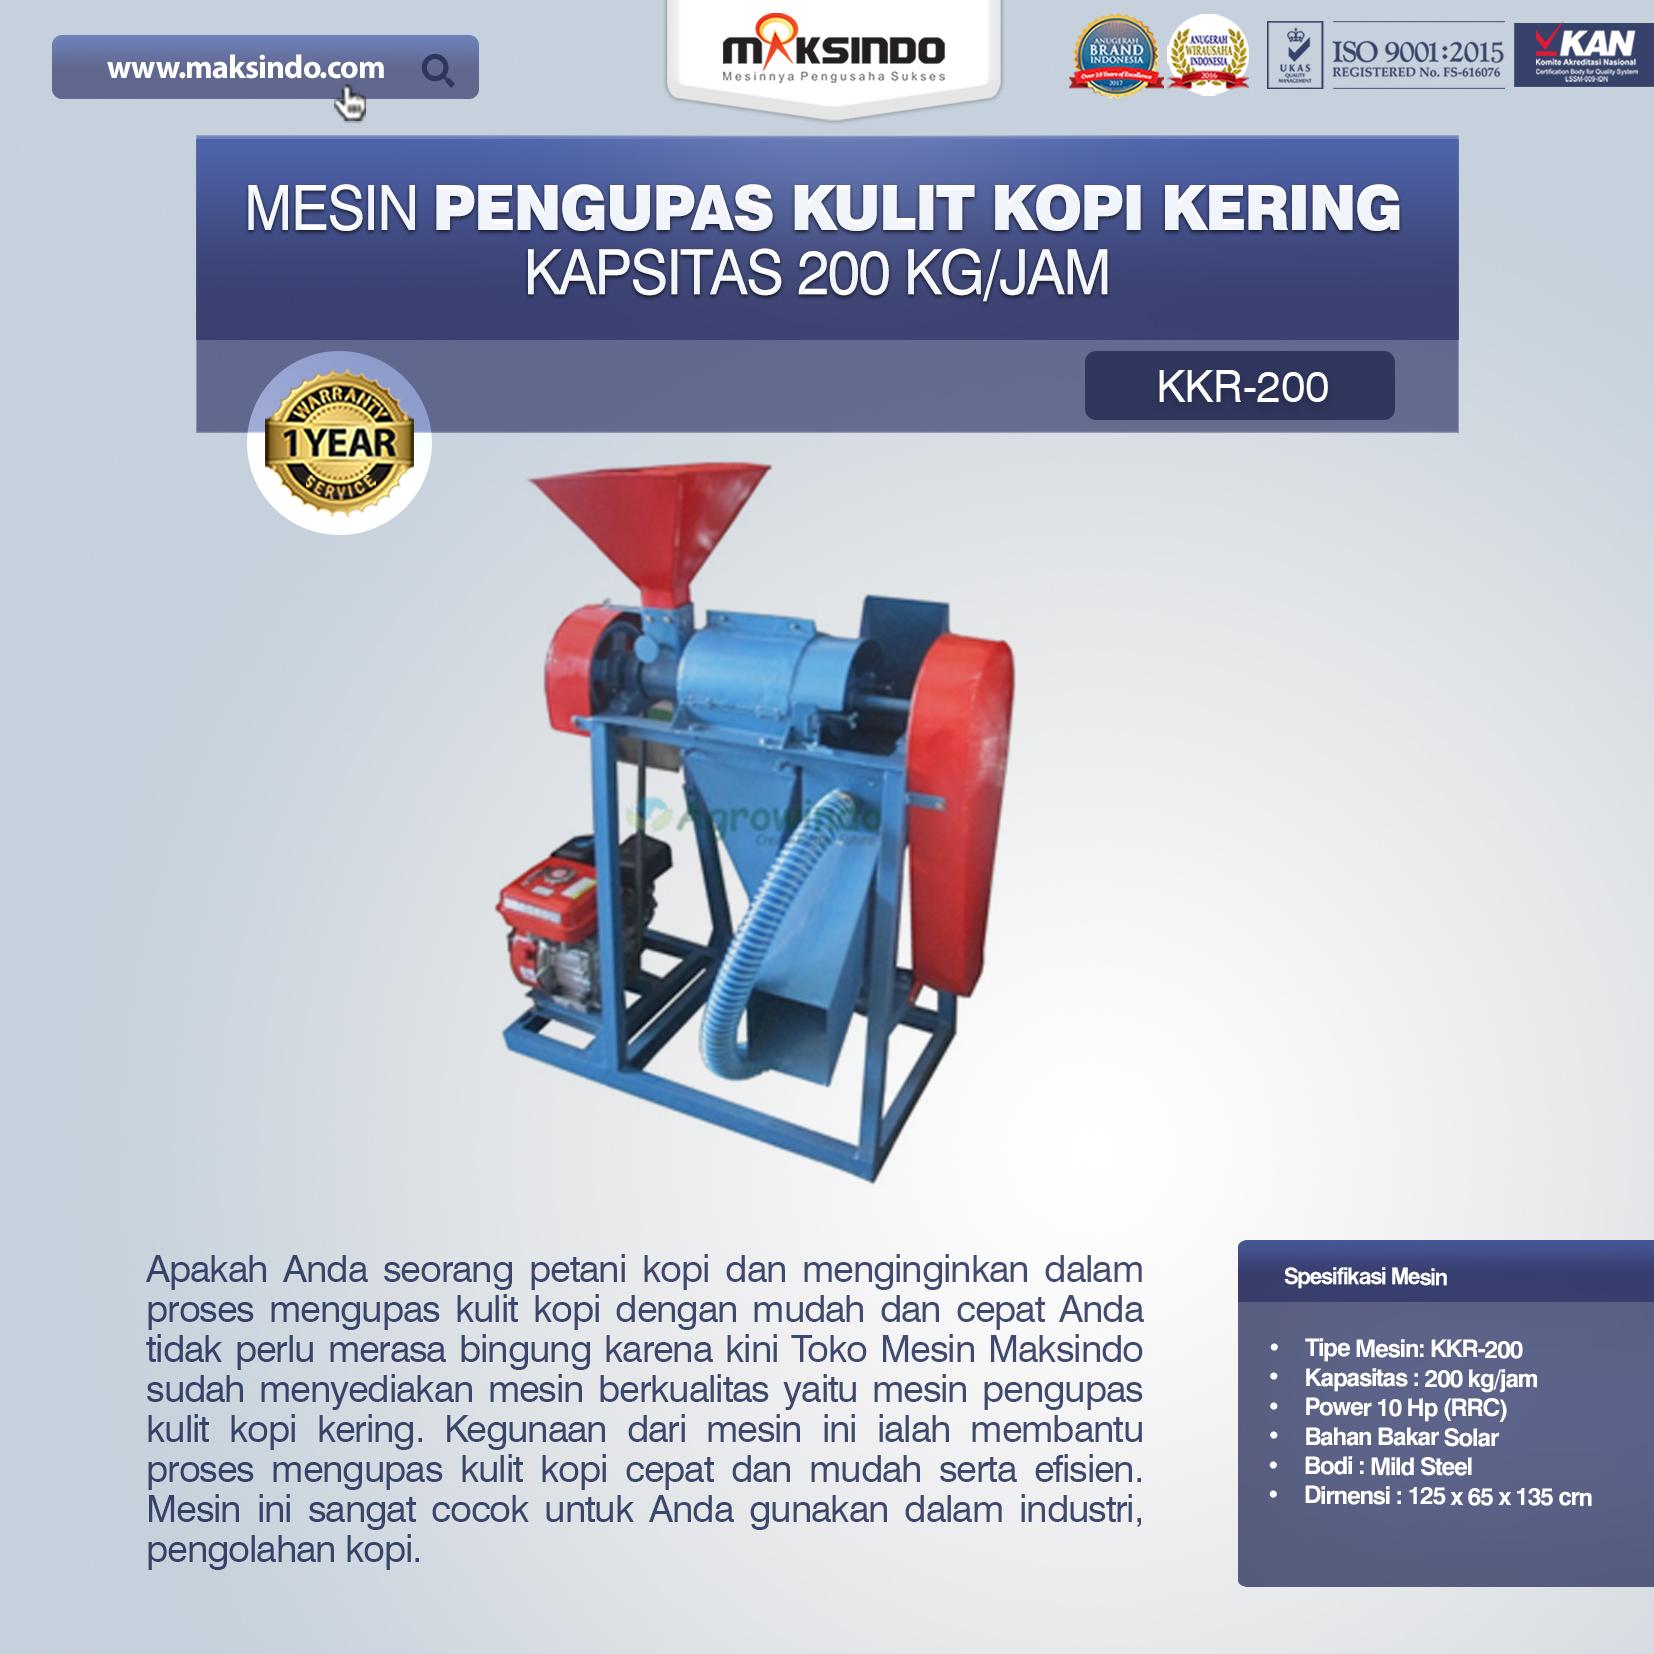 Mesin Pengupas Kulit Kopi Kering KKR-200